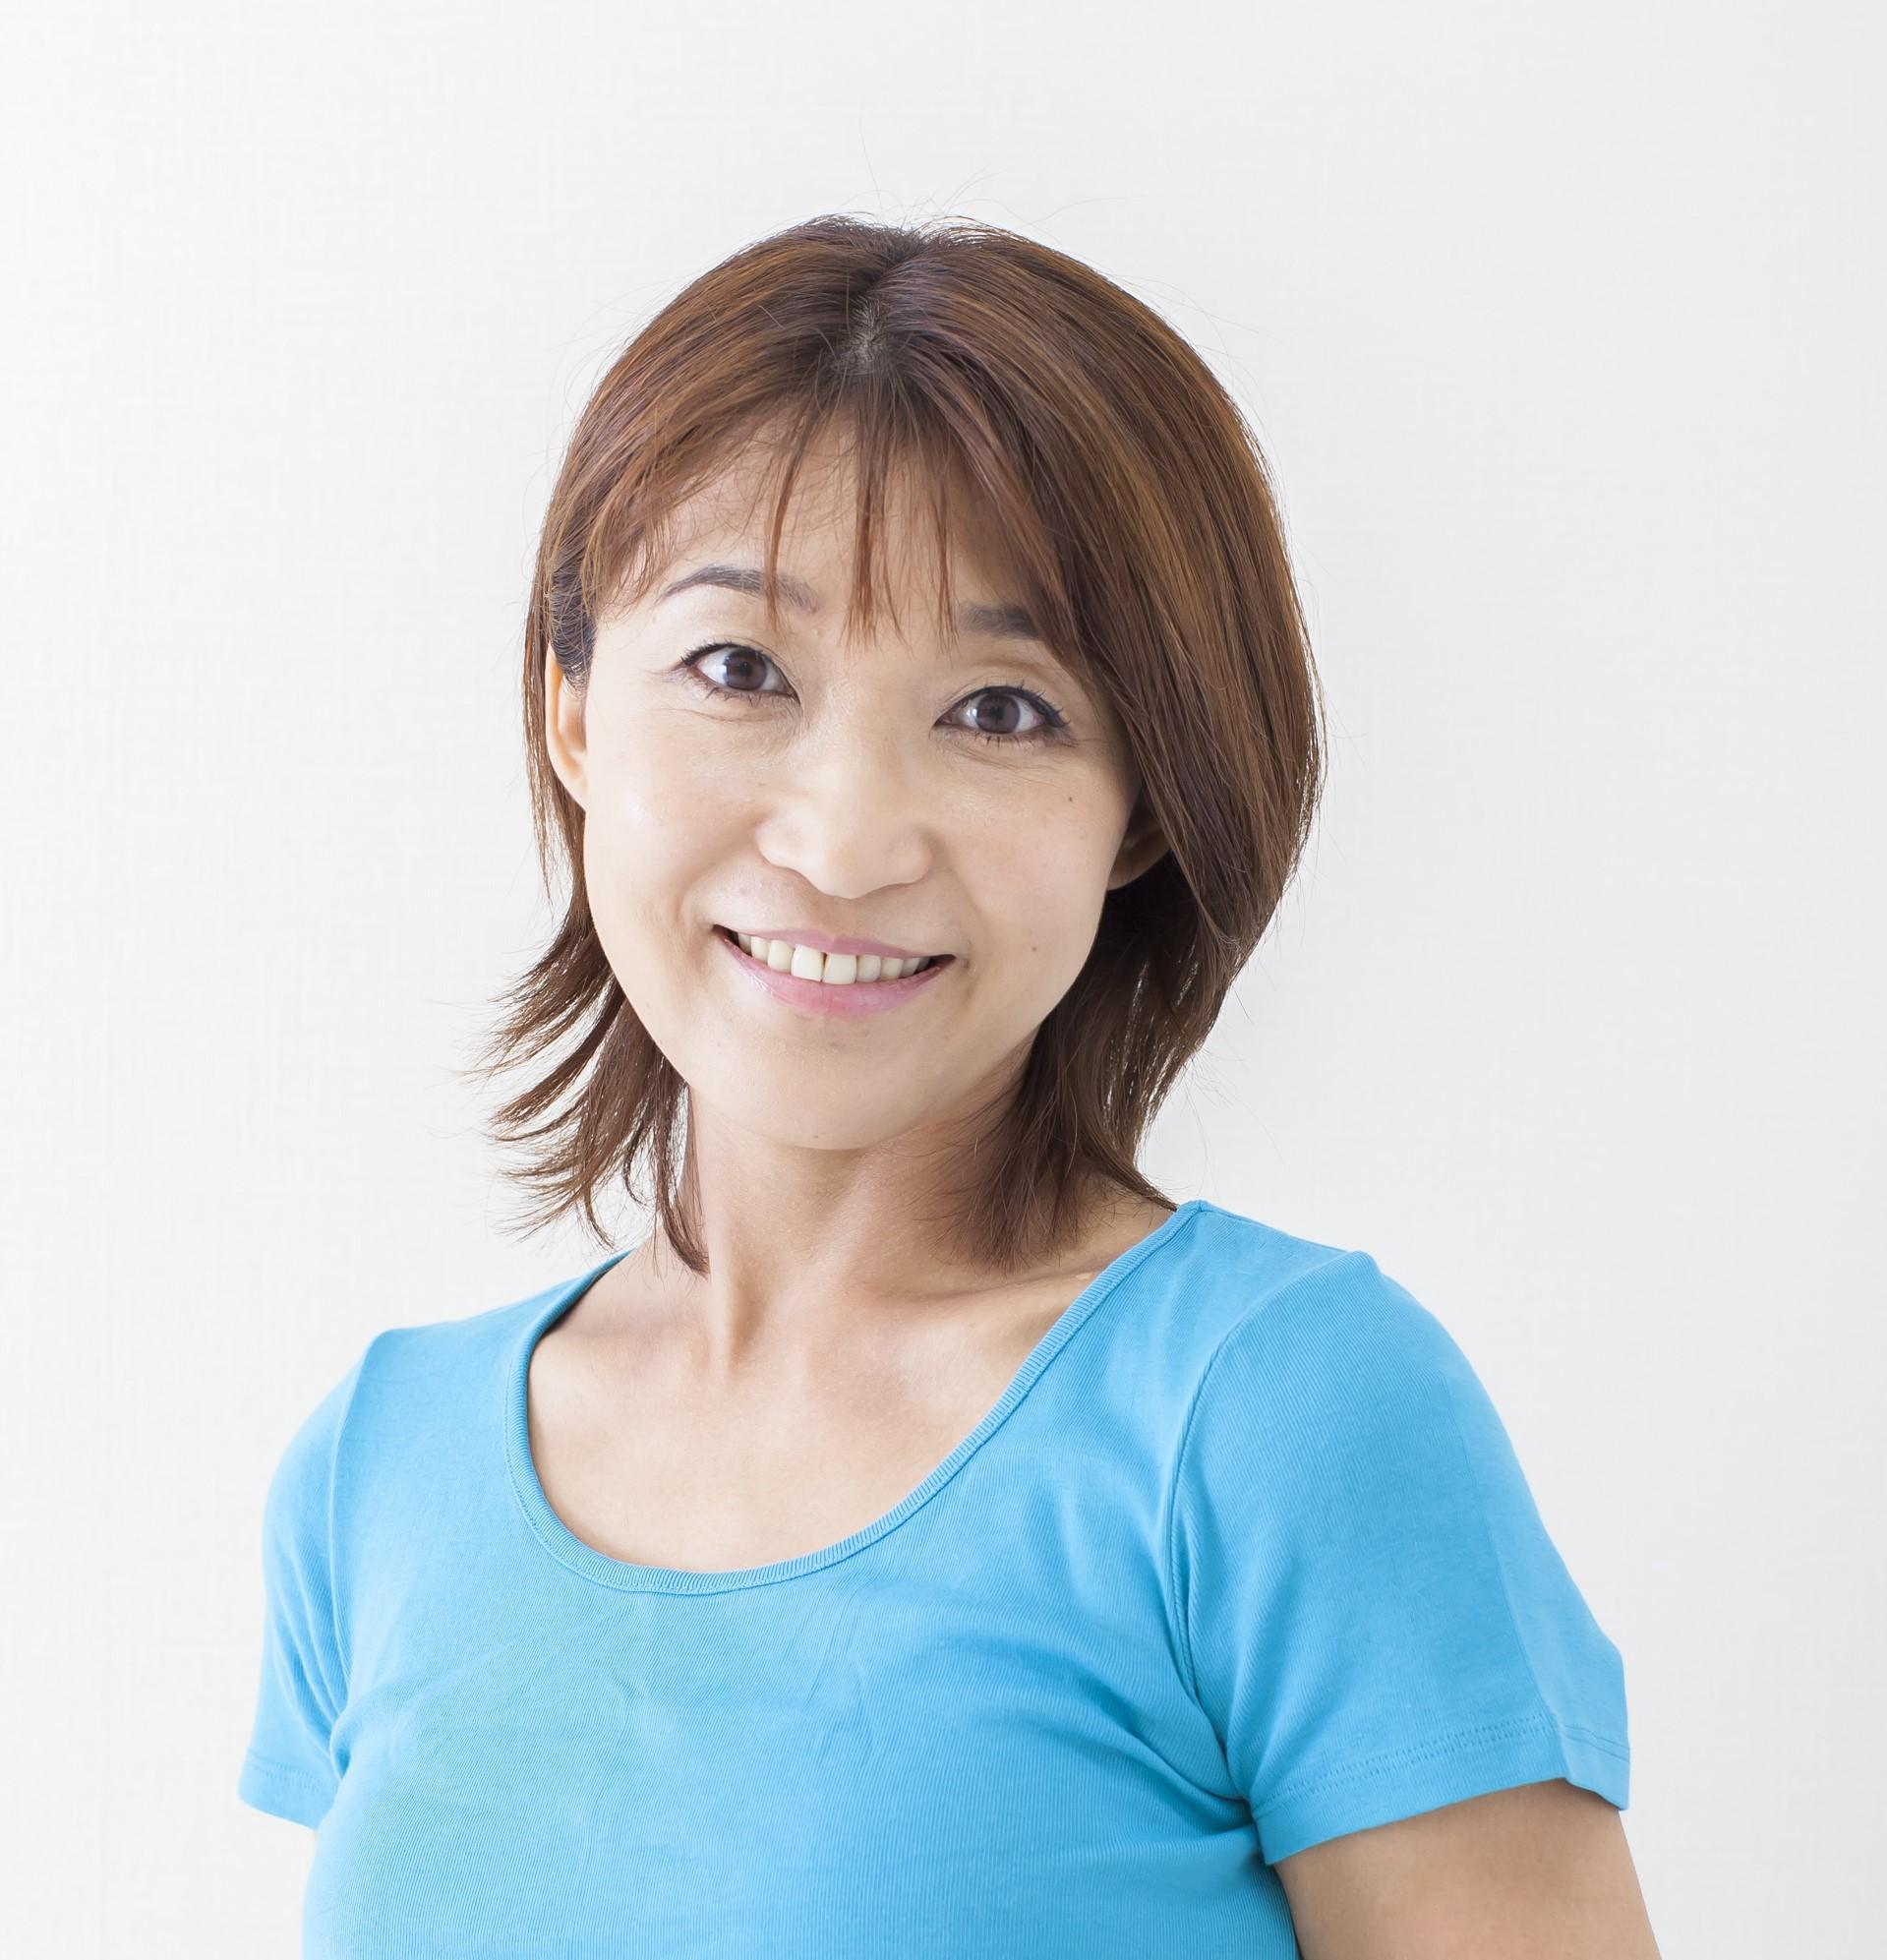 ダンス講師 竹内しのぶ 顔 豊洲マガジン